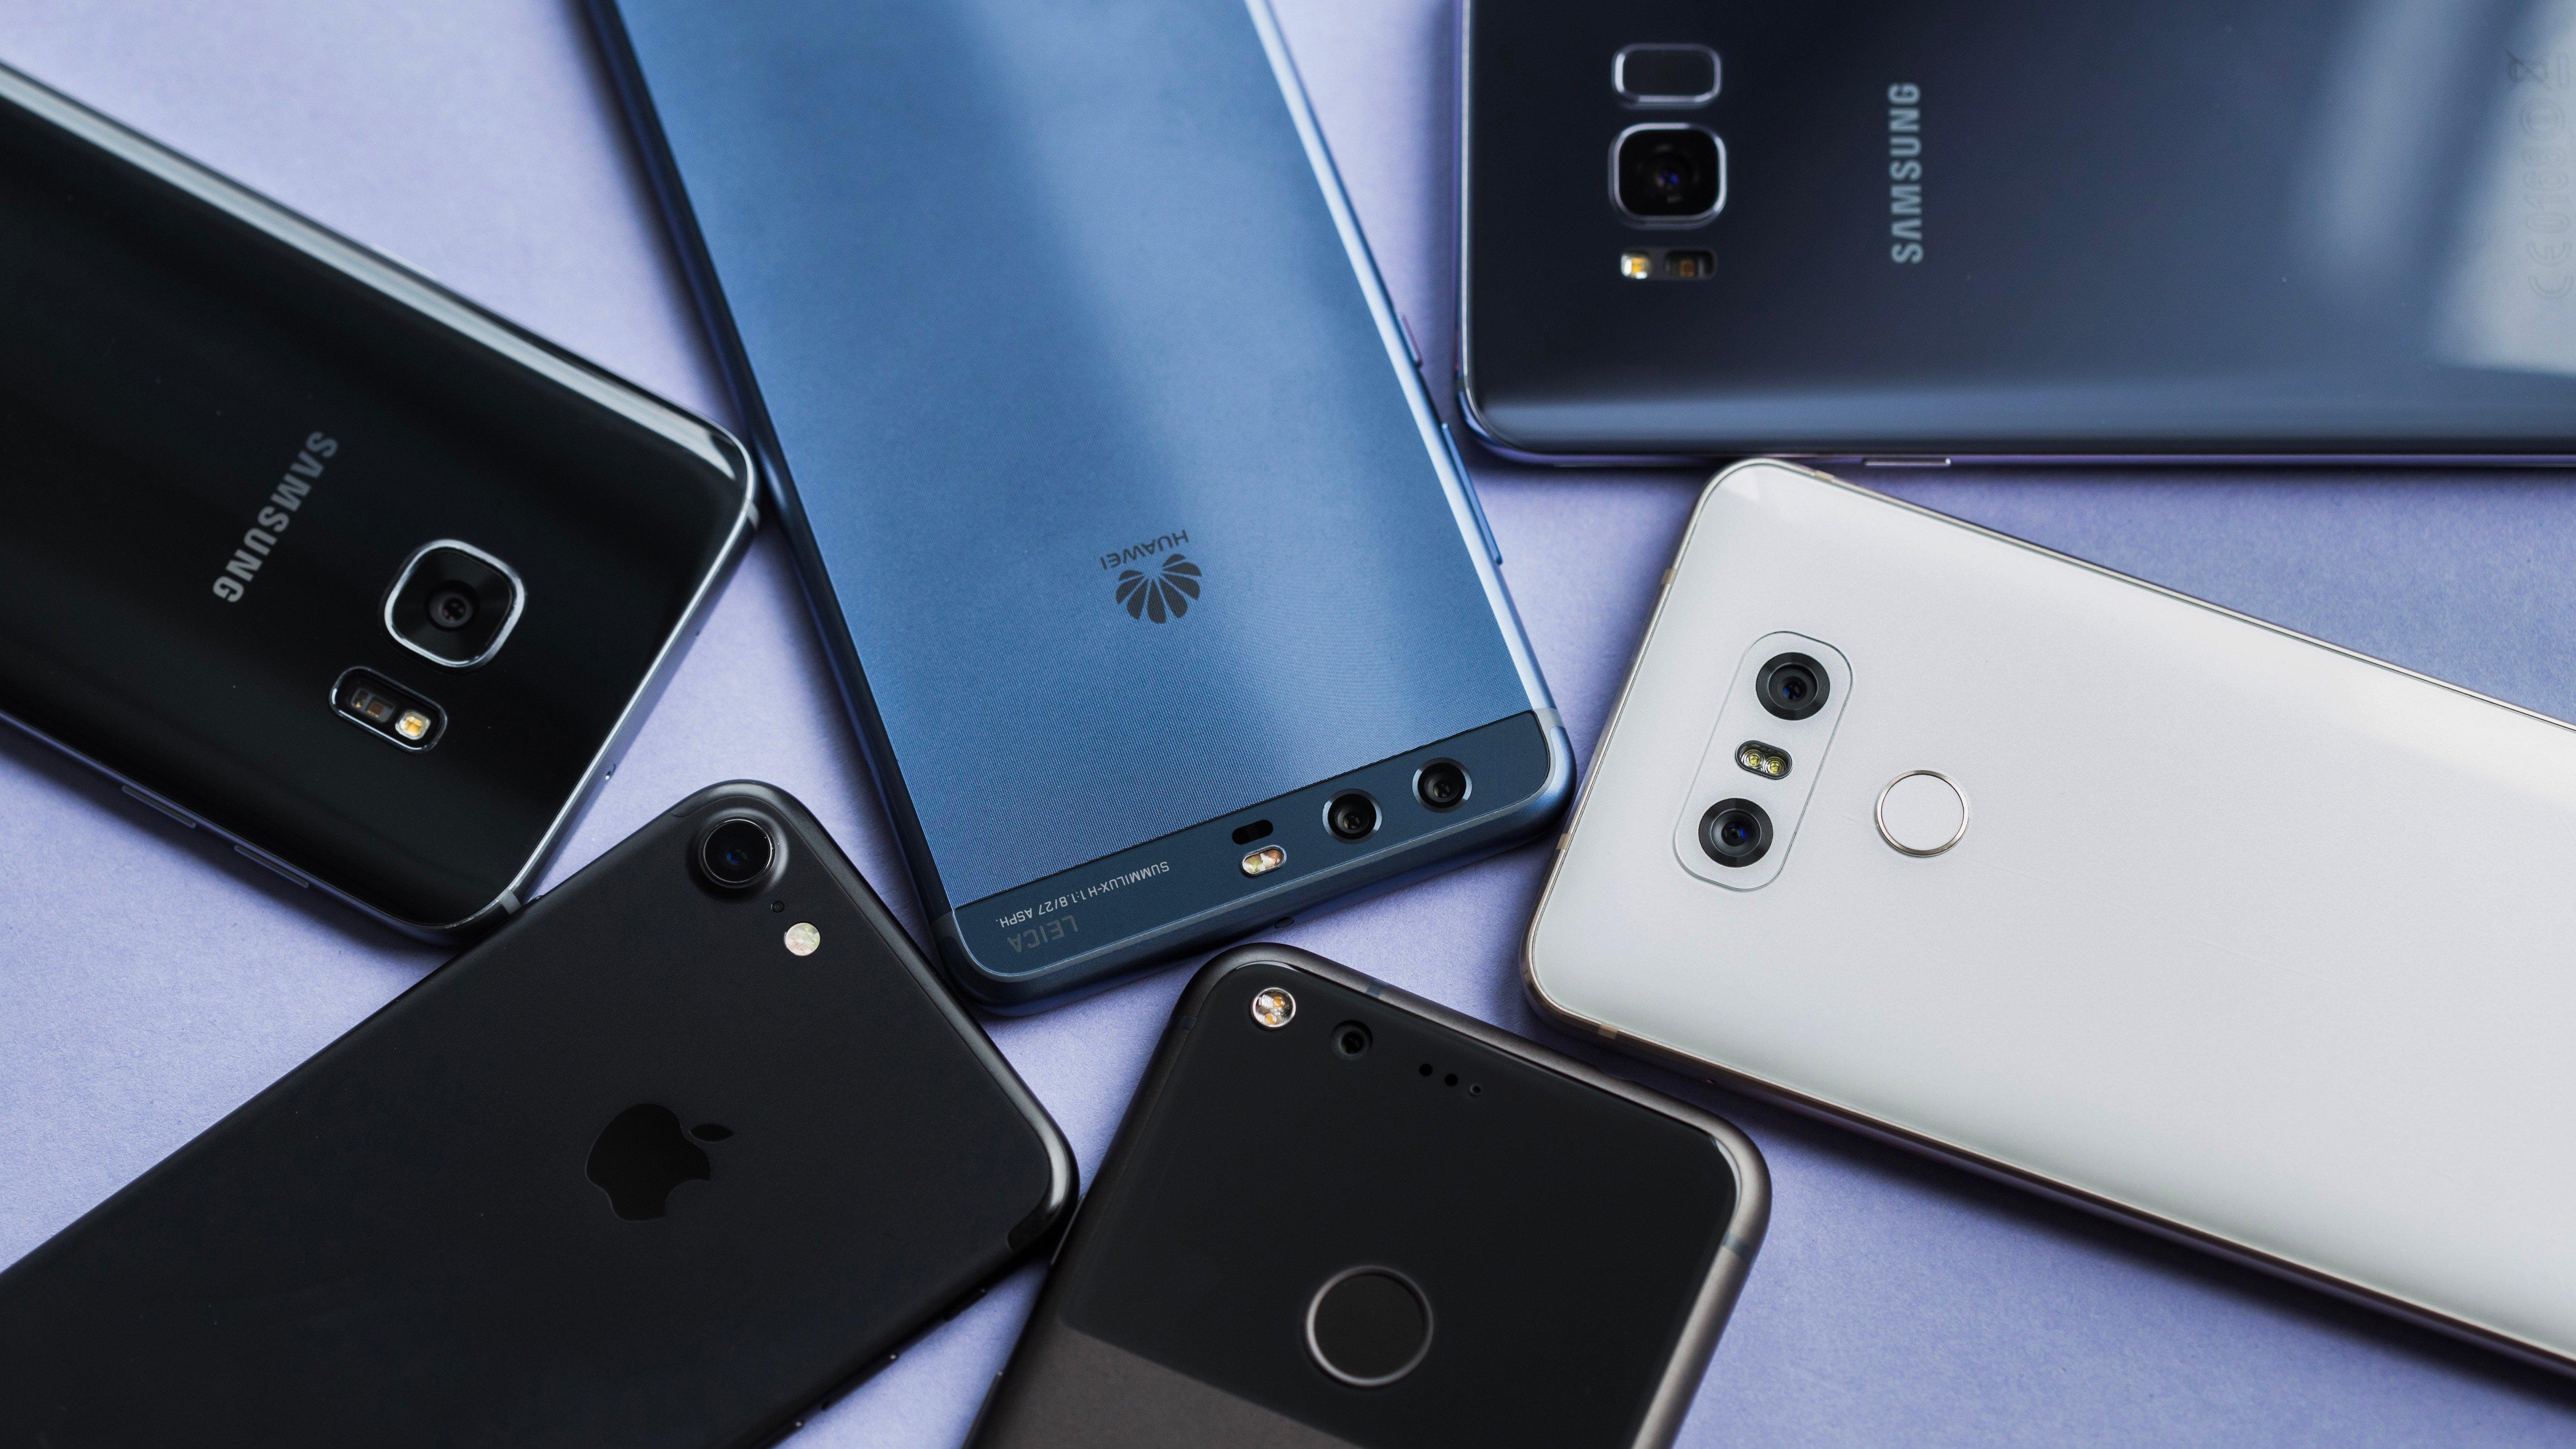 Qual per voi il miglior smartphone del 2017 votate for Smartphone migliore fotocamera 2017